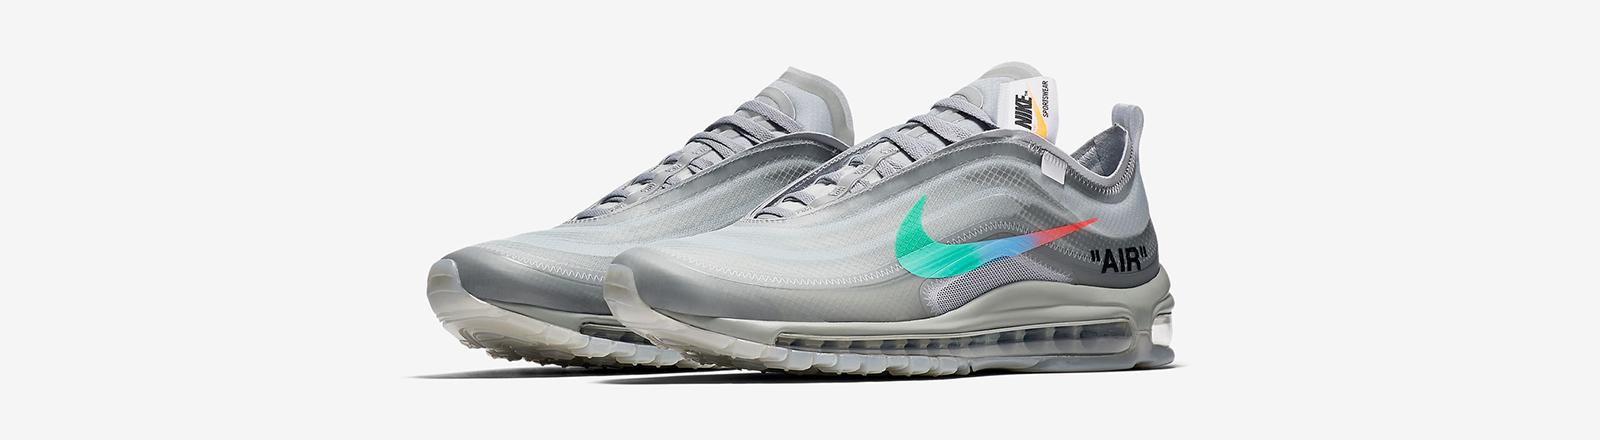 NIKE AIR MAX 97 OG x OFF WHITE | Nike